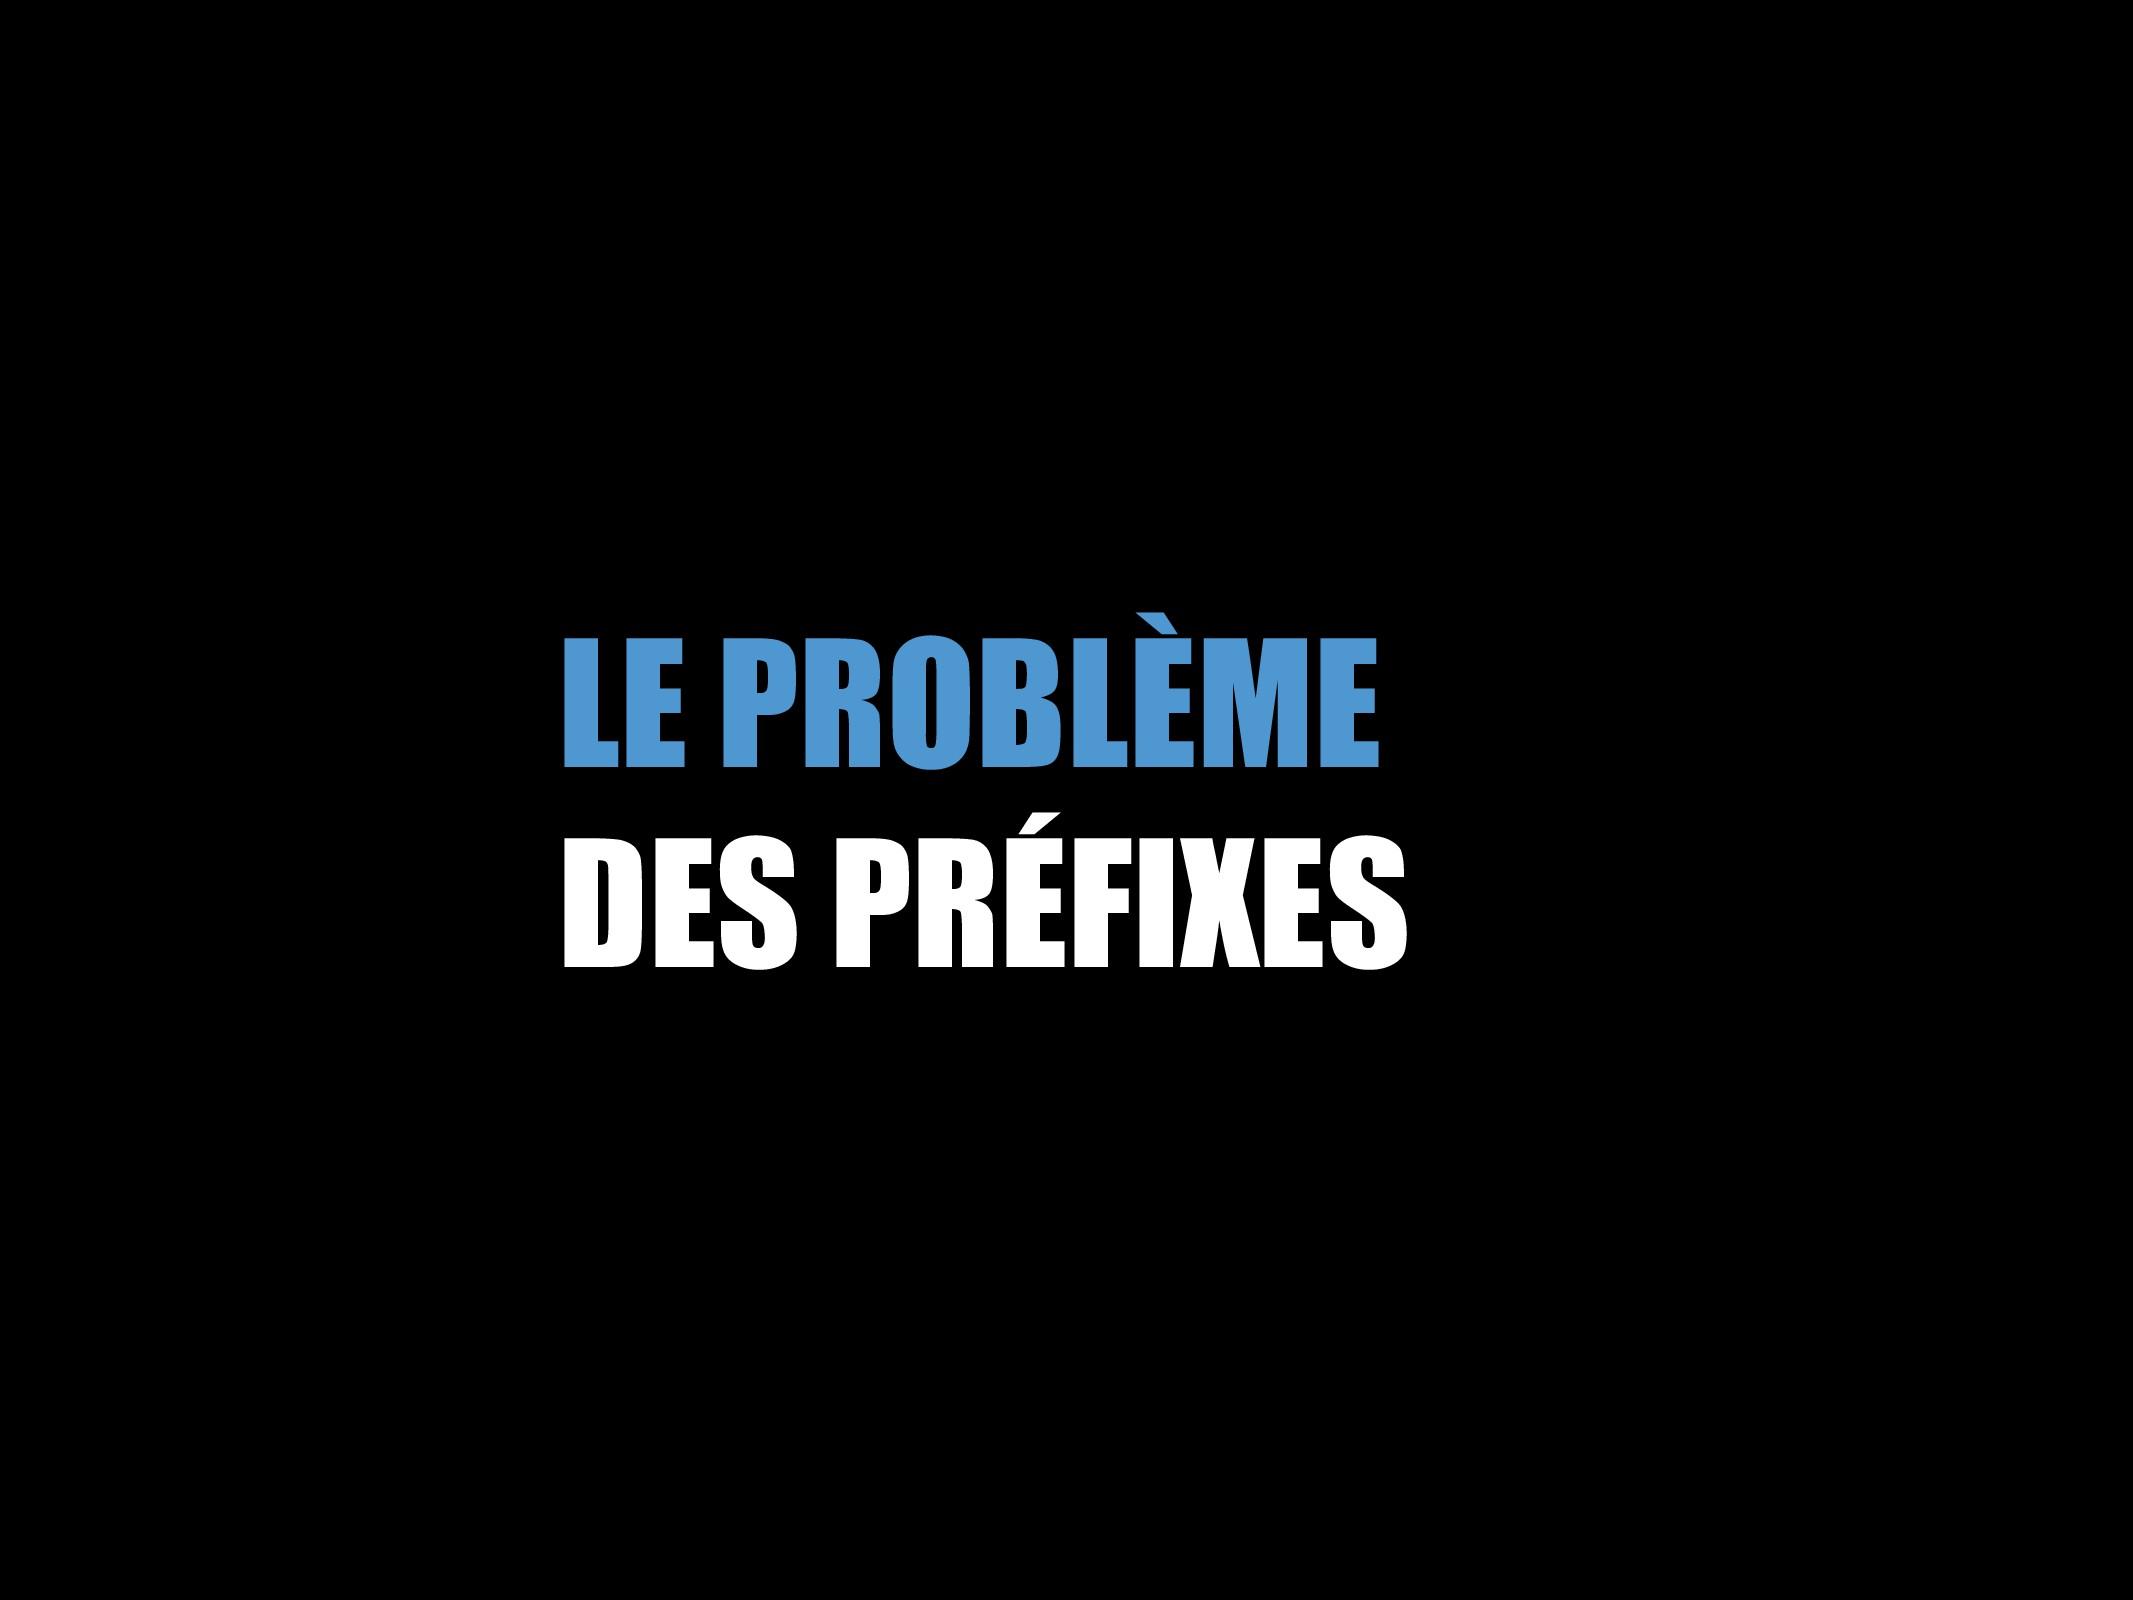 LE PROBLÈME DES PRÉFIXES